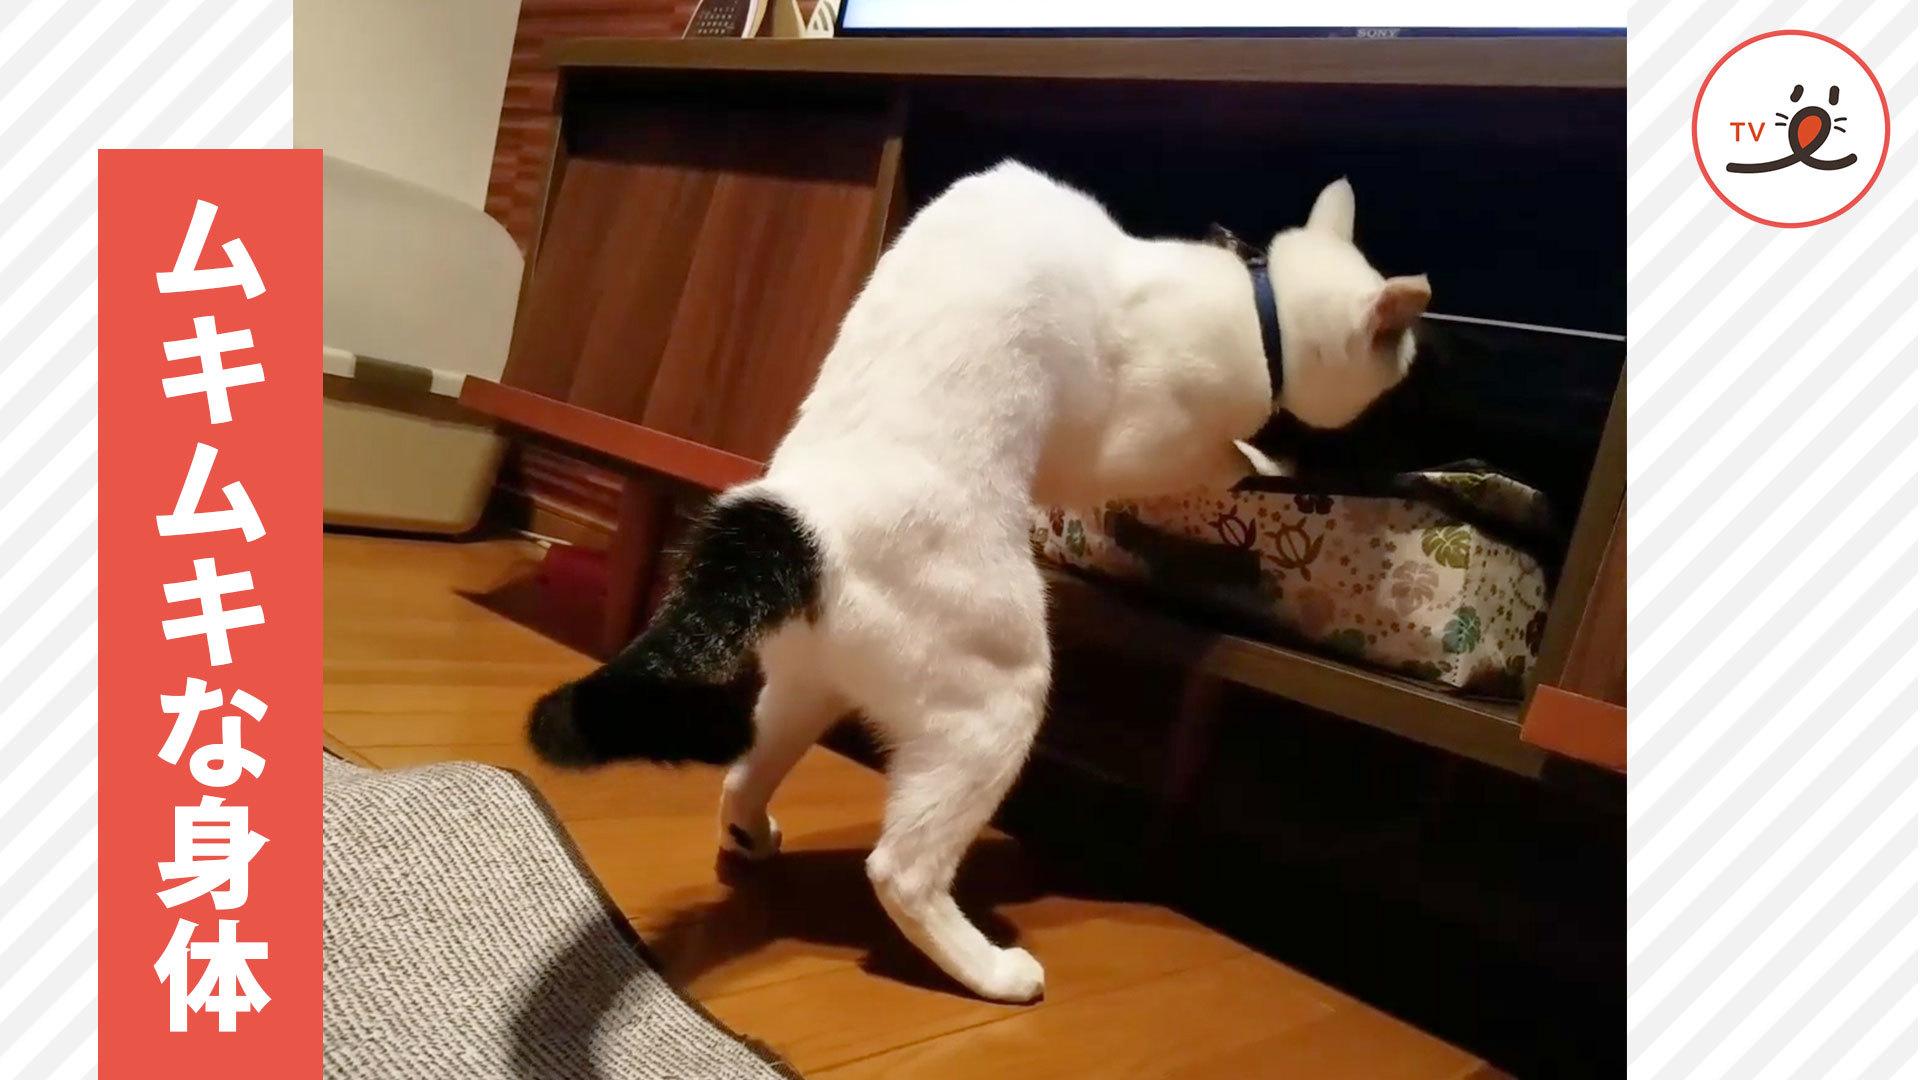 飼い主さんもびっくりする😲❗️ 猫さんのスゴイ身体💪🐈🤣